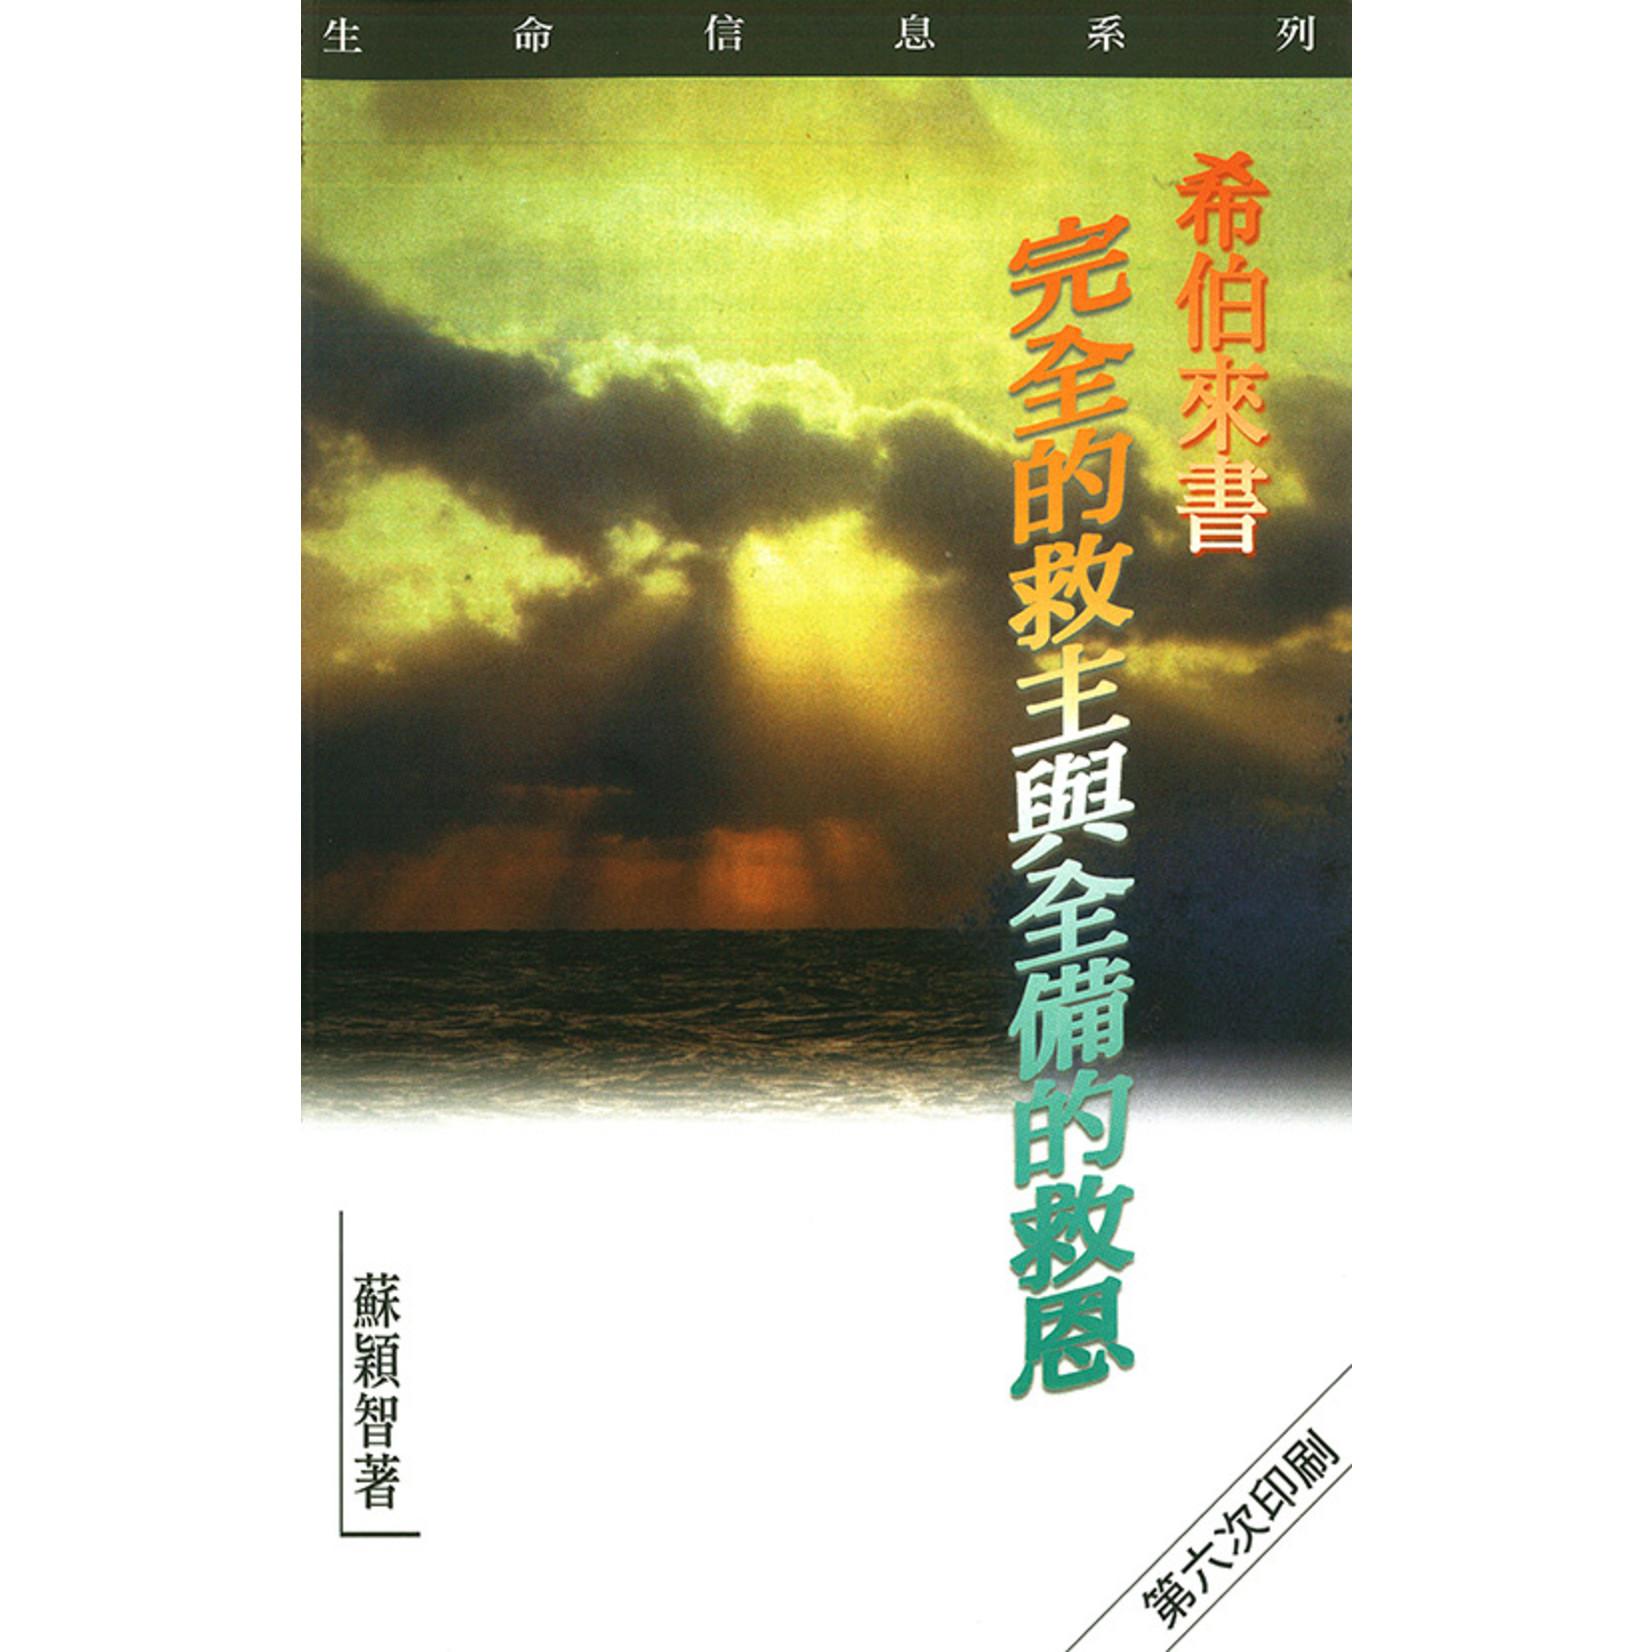 天道書樓 Tien Dao Publishing House 希伯來書:完全的救主與全備的救恩